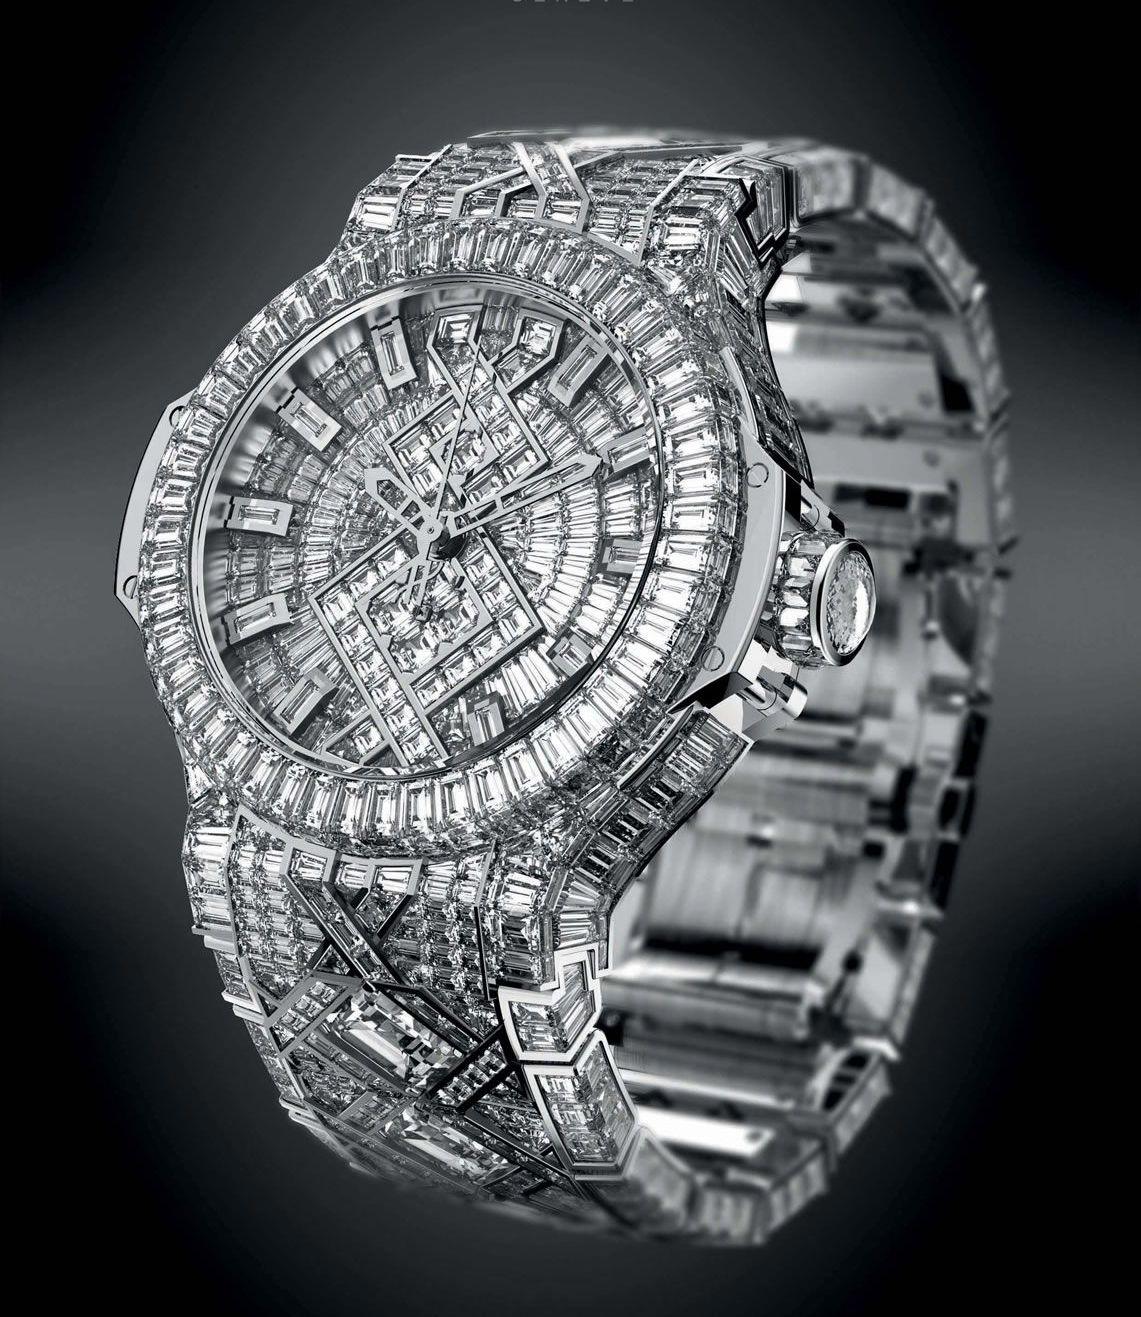 разным самые дорогие женские часы в мире фото это блики этом